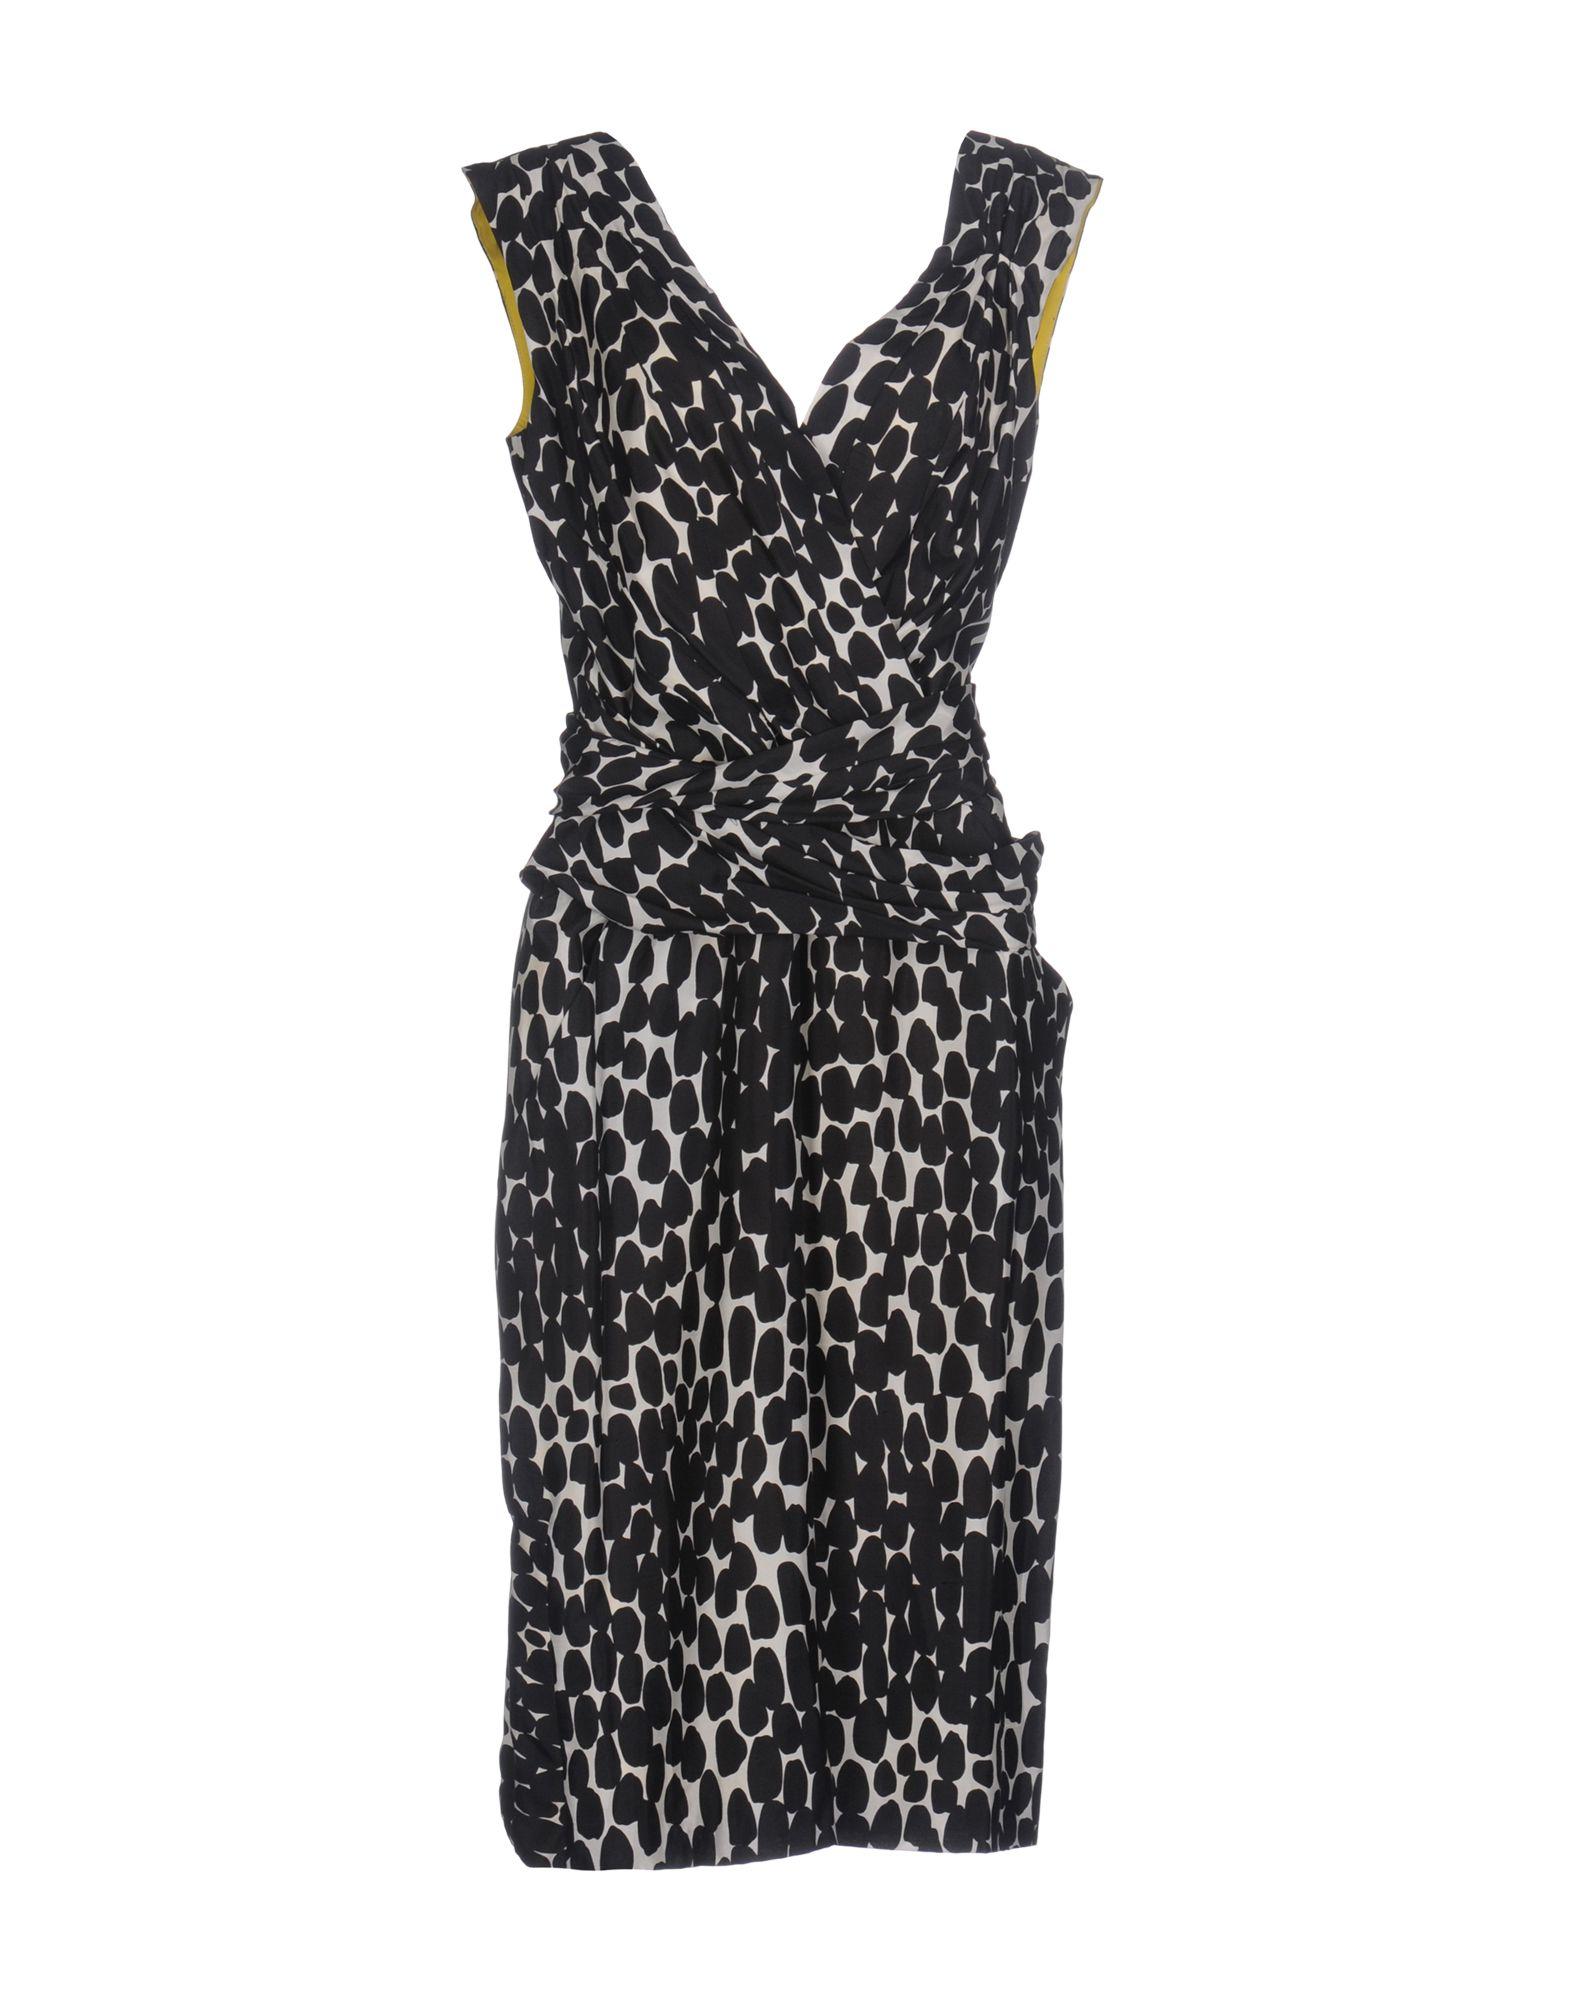 GUCCI Damen Knielanges Kleid Farbe Schwarz Größe 6